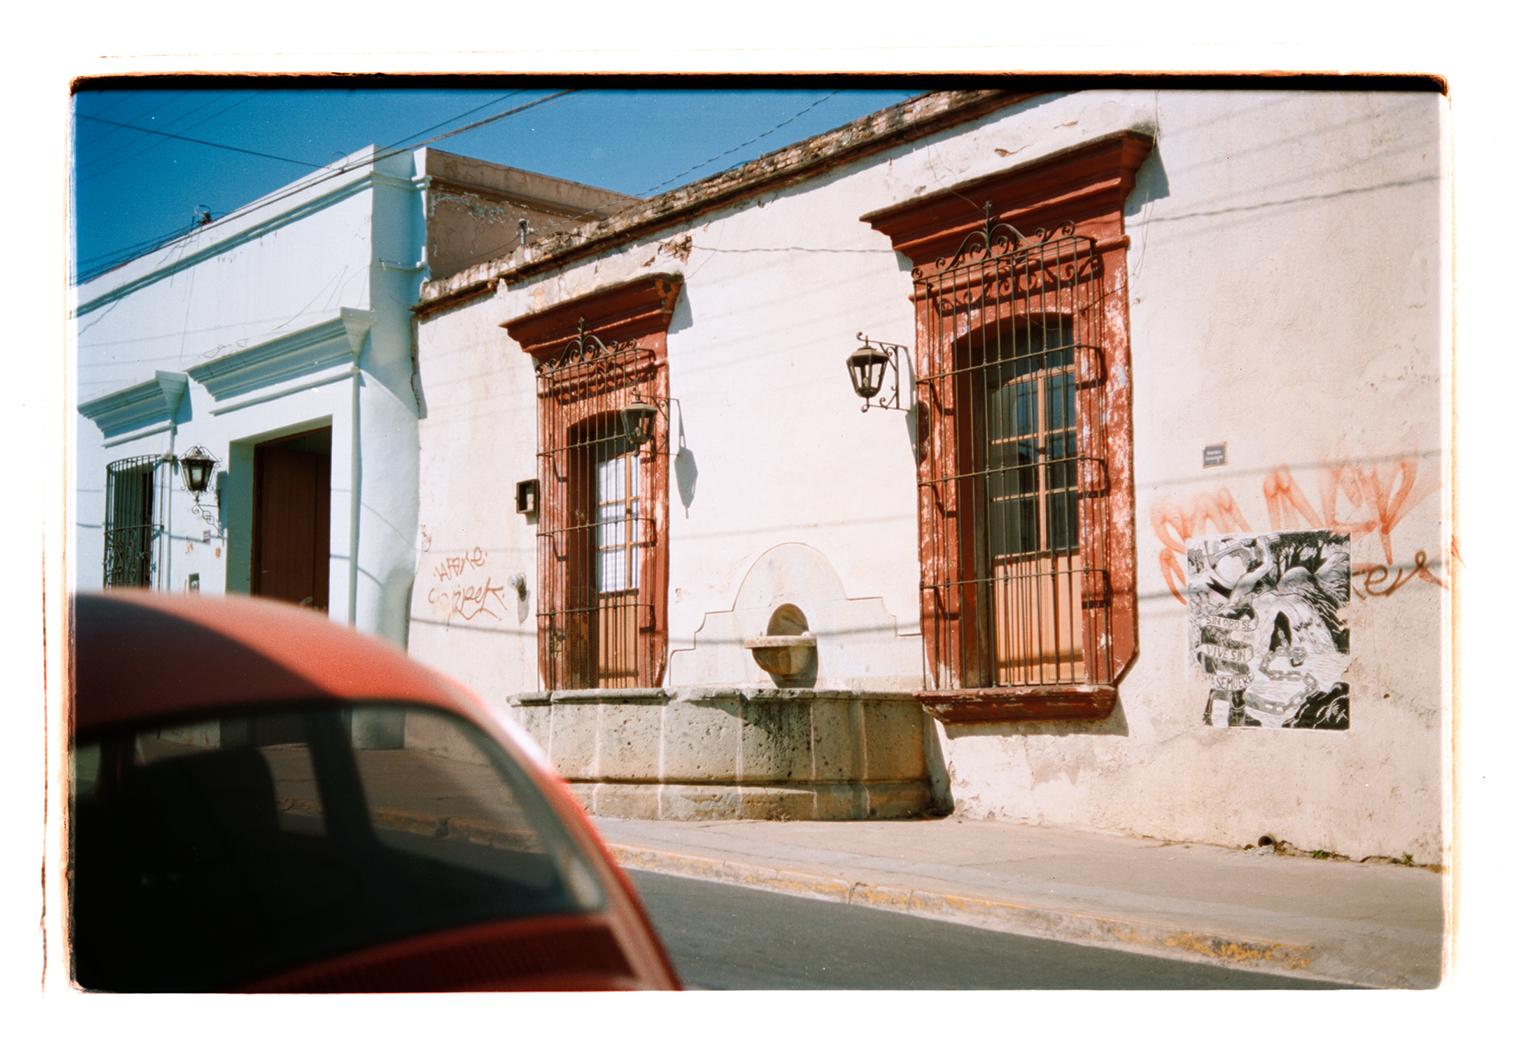 Oaxaca, Laura La Monaca | Collater.al 7